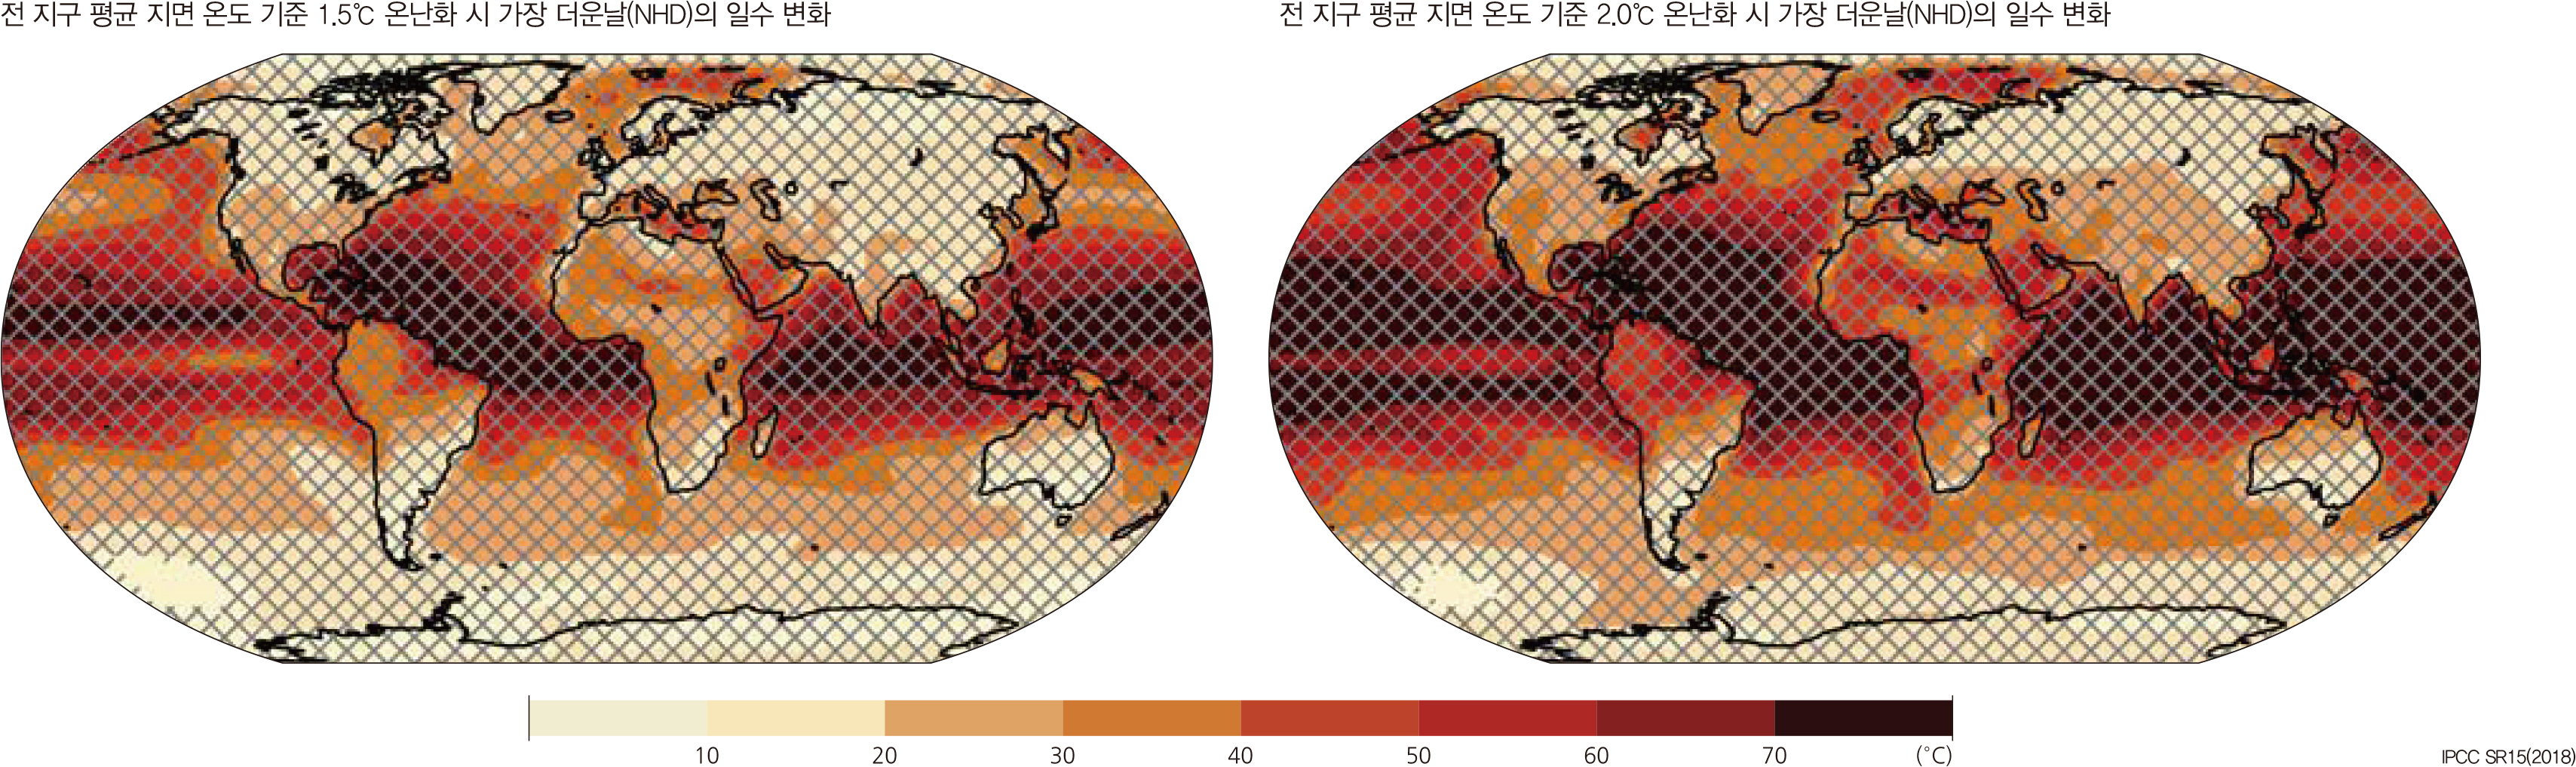 전 지구 극한 기온 지수 전망